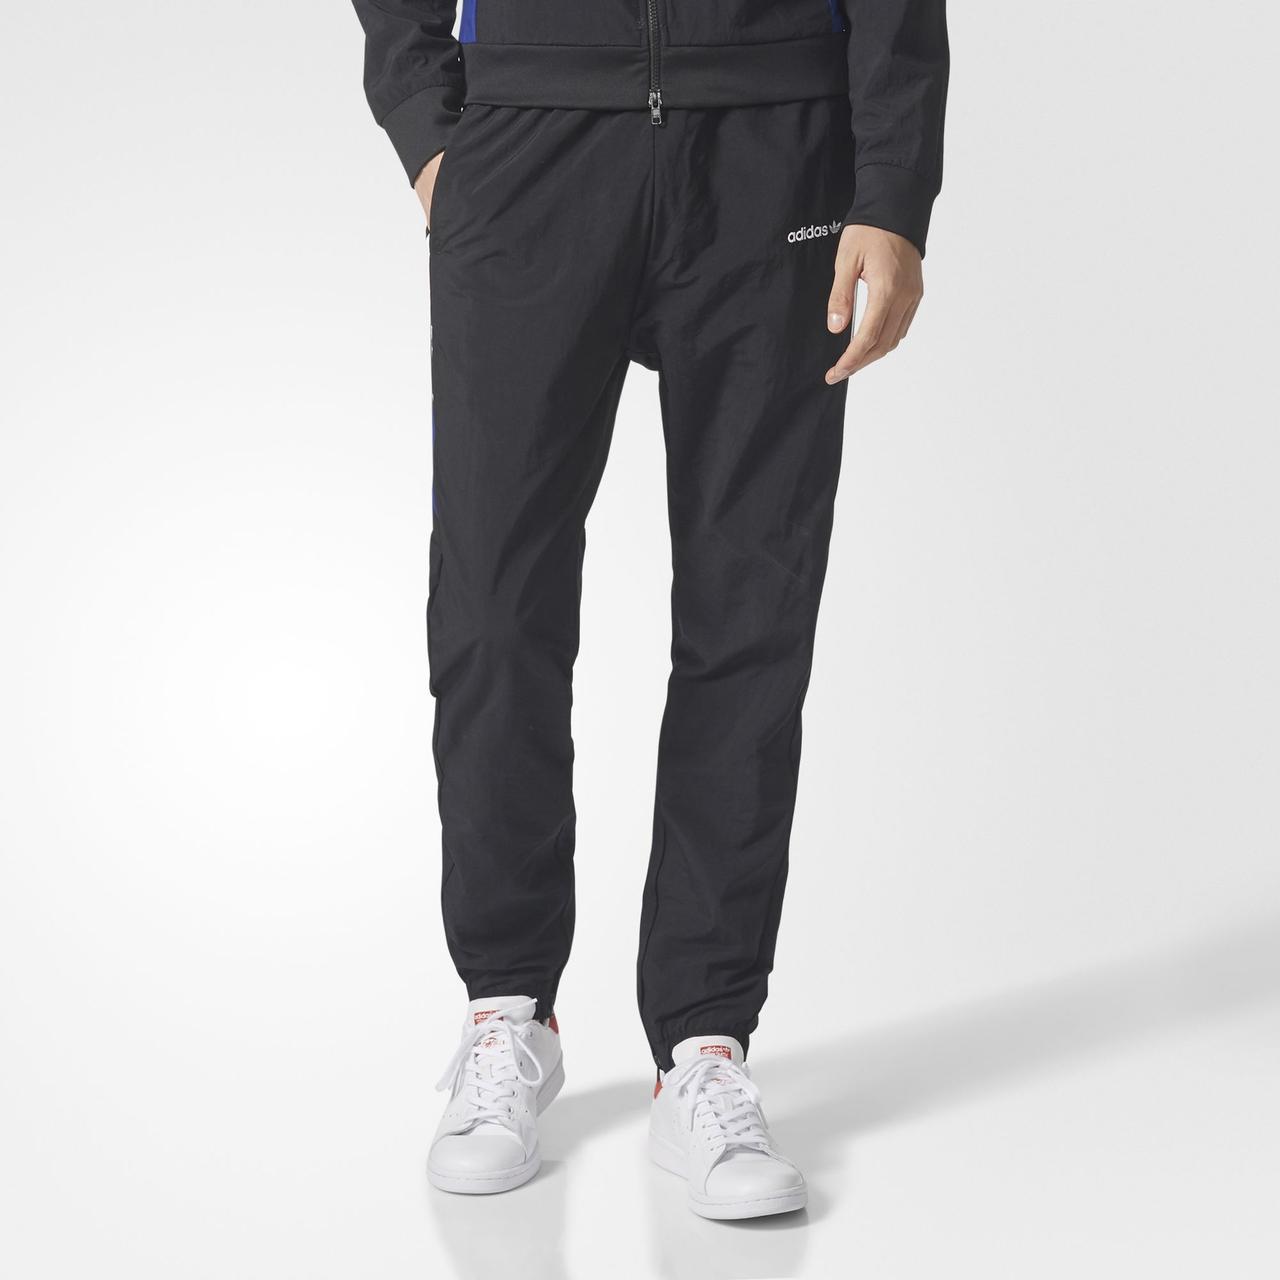 Мужские брюки Adidas Originals Challenger (Артикул: BS2284)